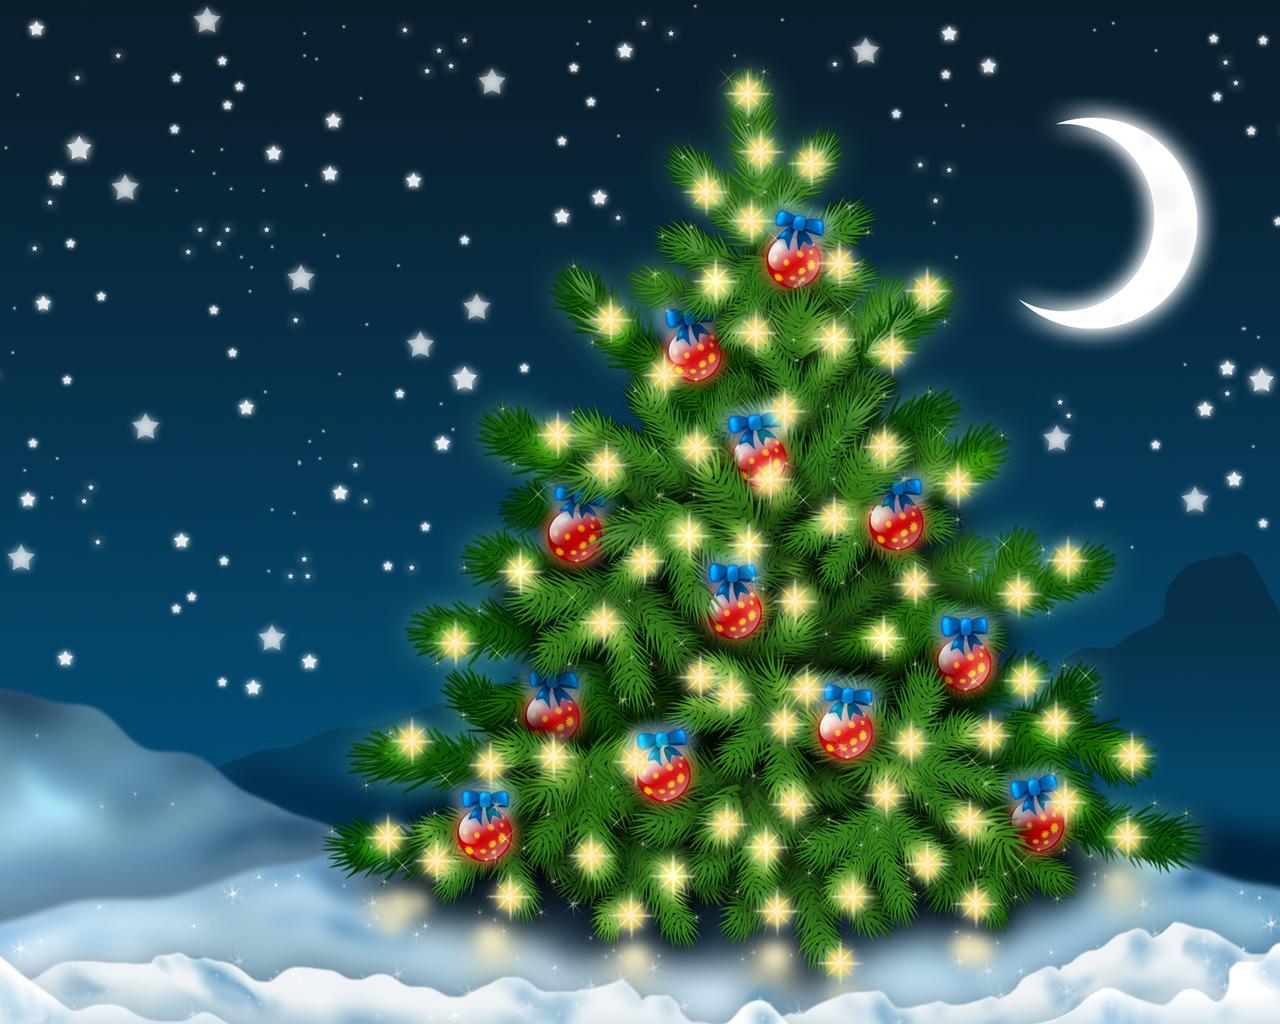 Картинки с новым годом с елкой и дедом морозом